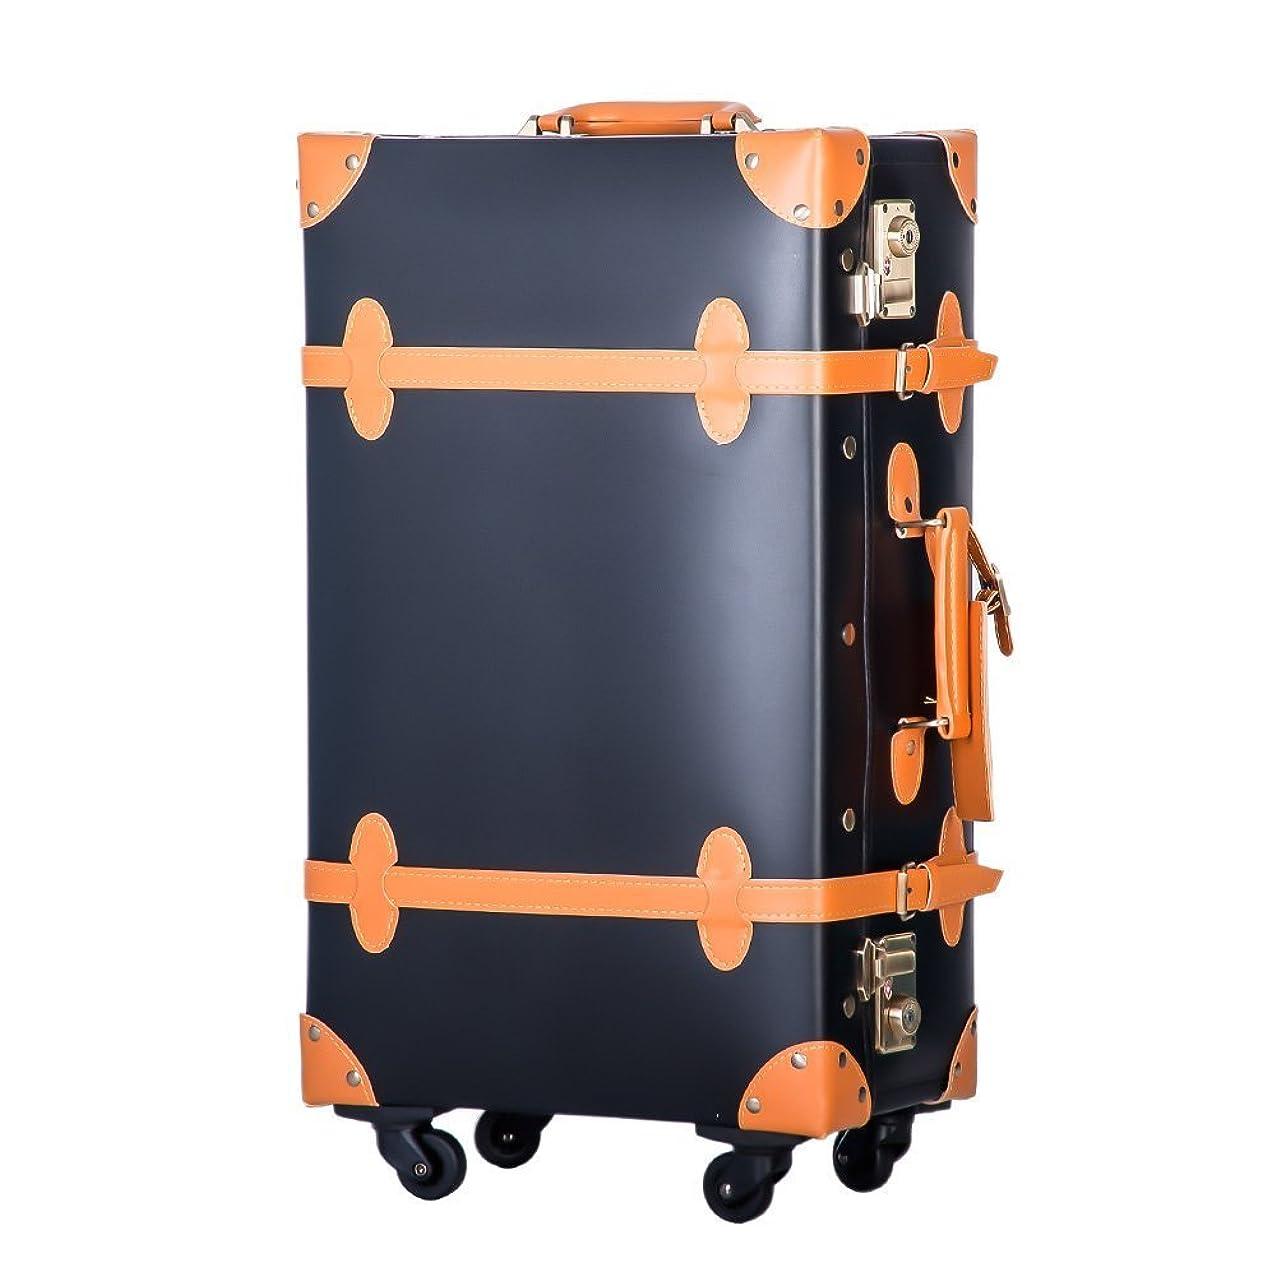 禁止する施し立場Travelhouse トランクケース スーツケース キャリーバッグ SSサイズ機内持ち込み可 復古主義 おしゃれ 可愛い 5色4サイズ